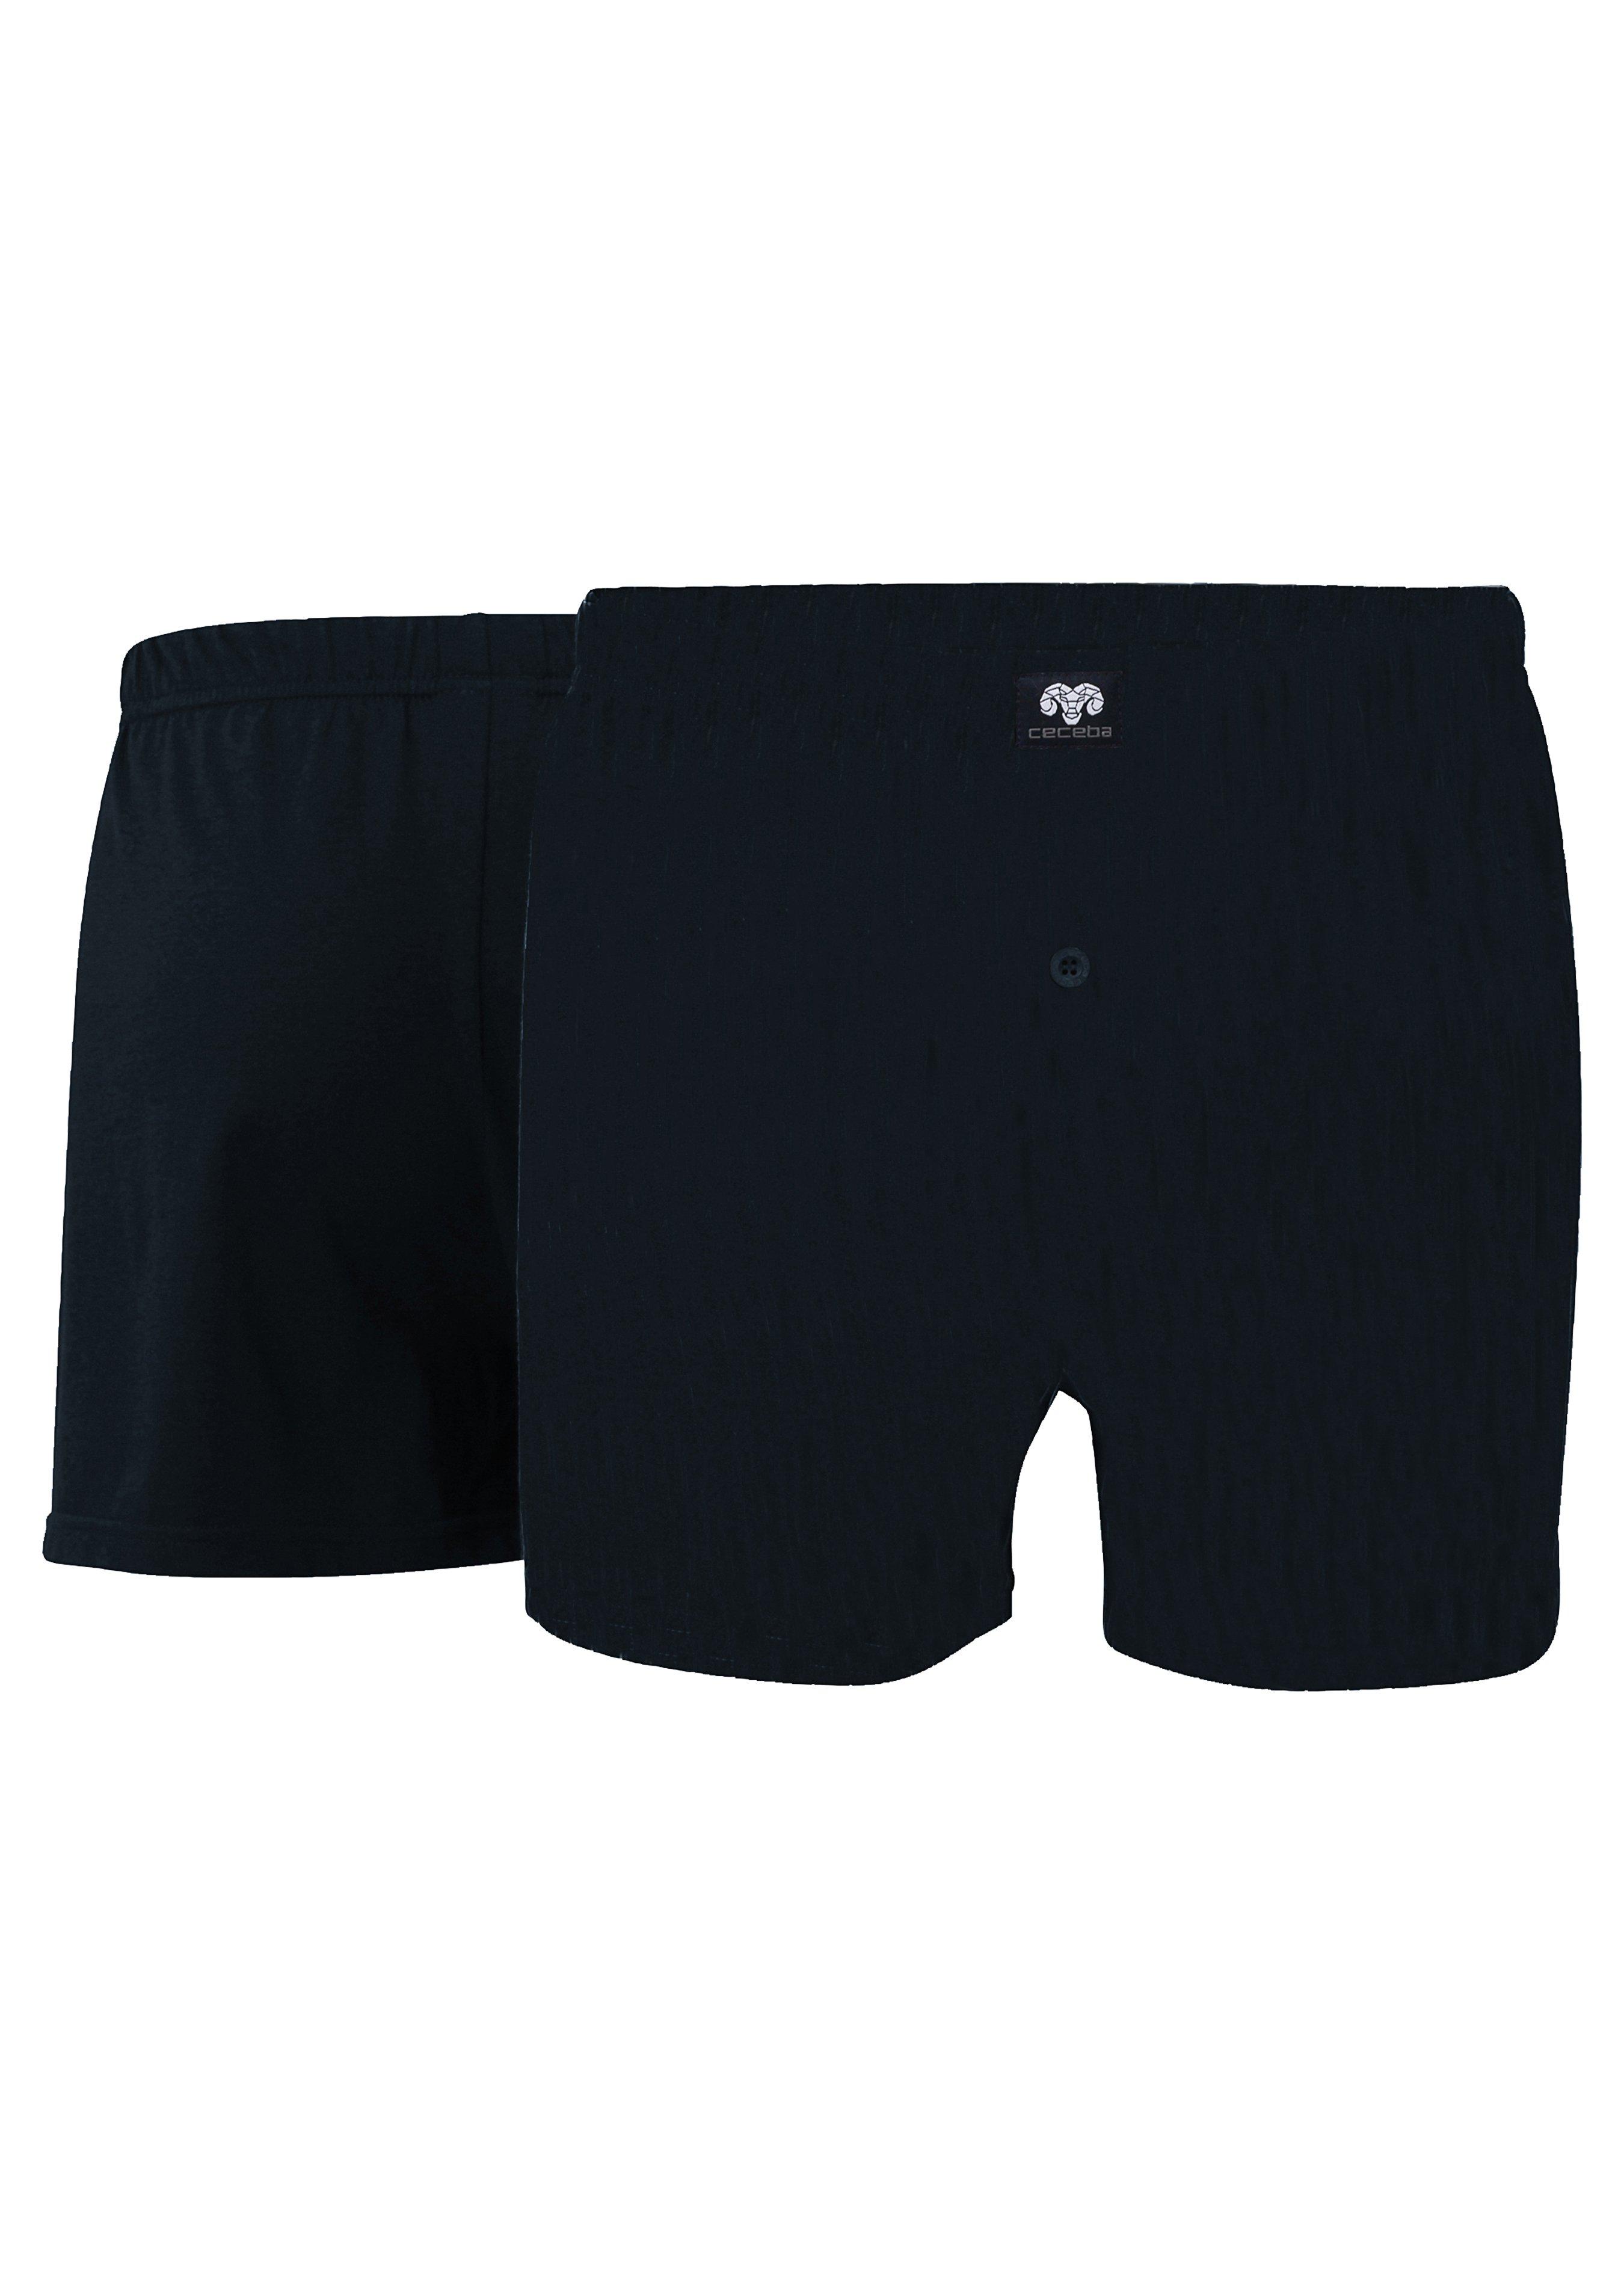 Jersey-Shorts 2er-Pack 1697104XL 1